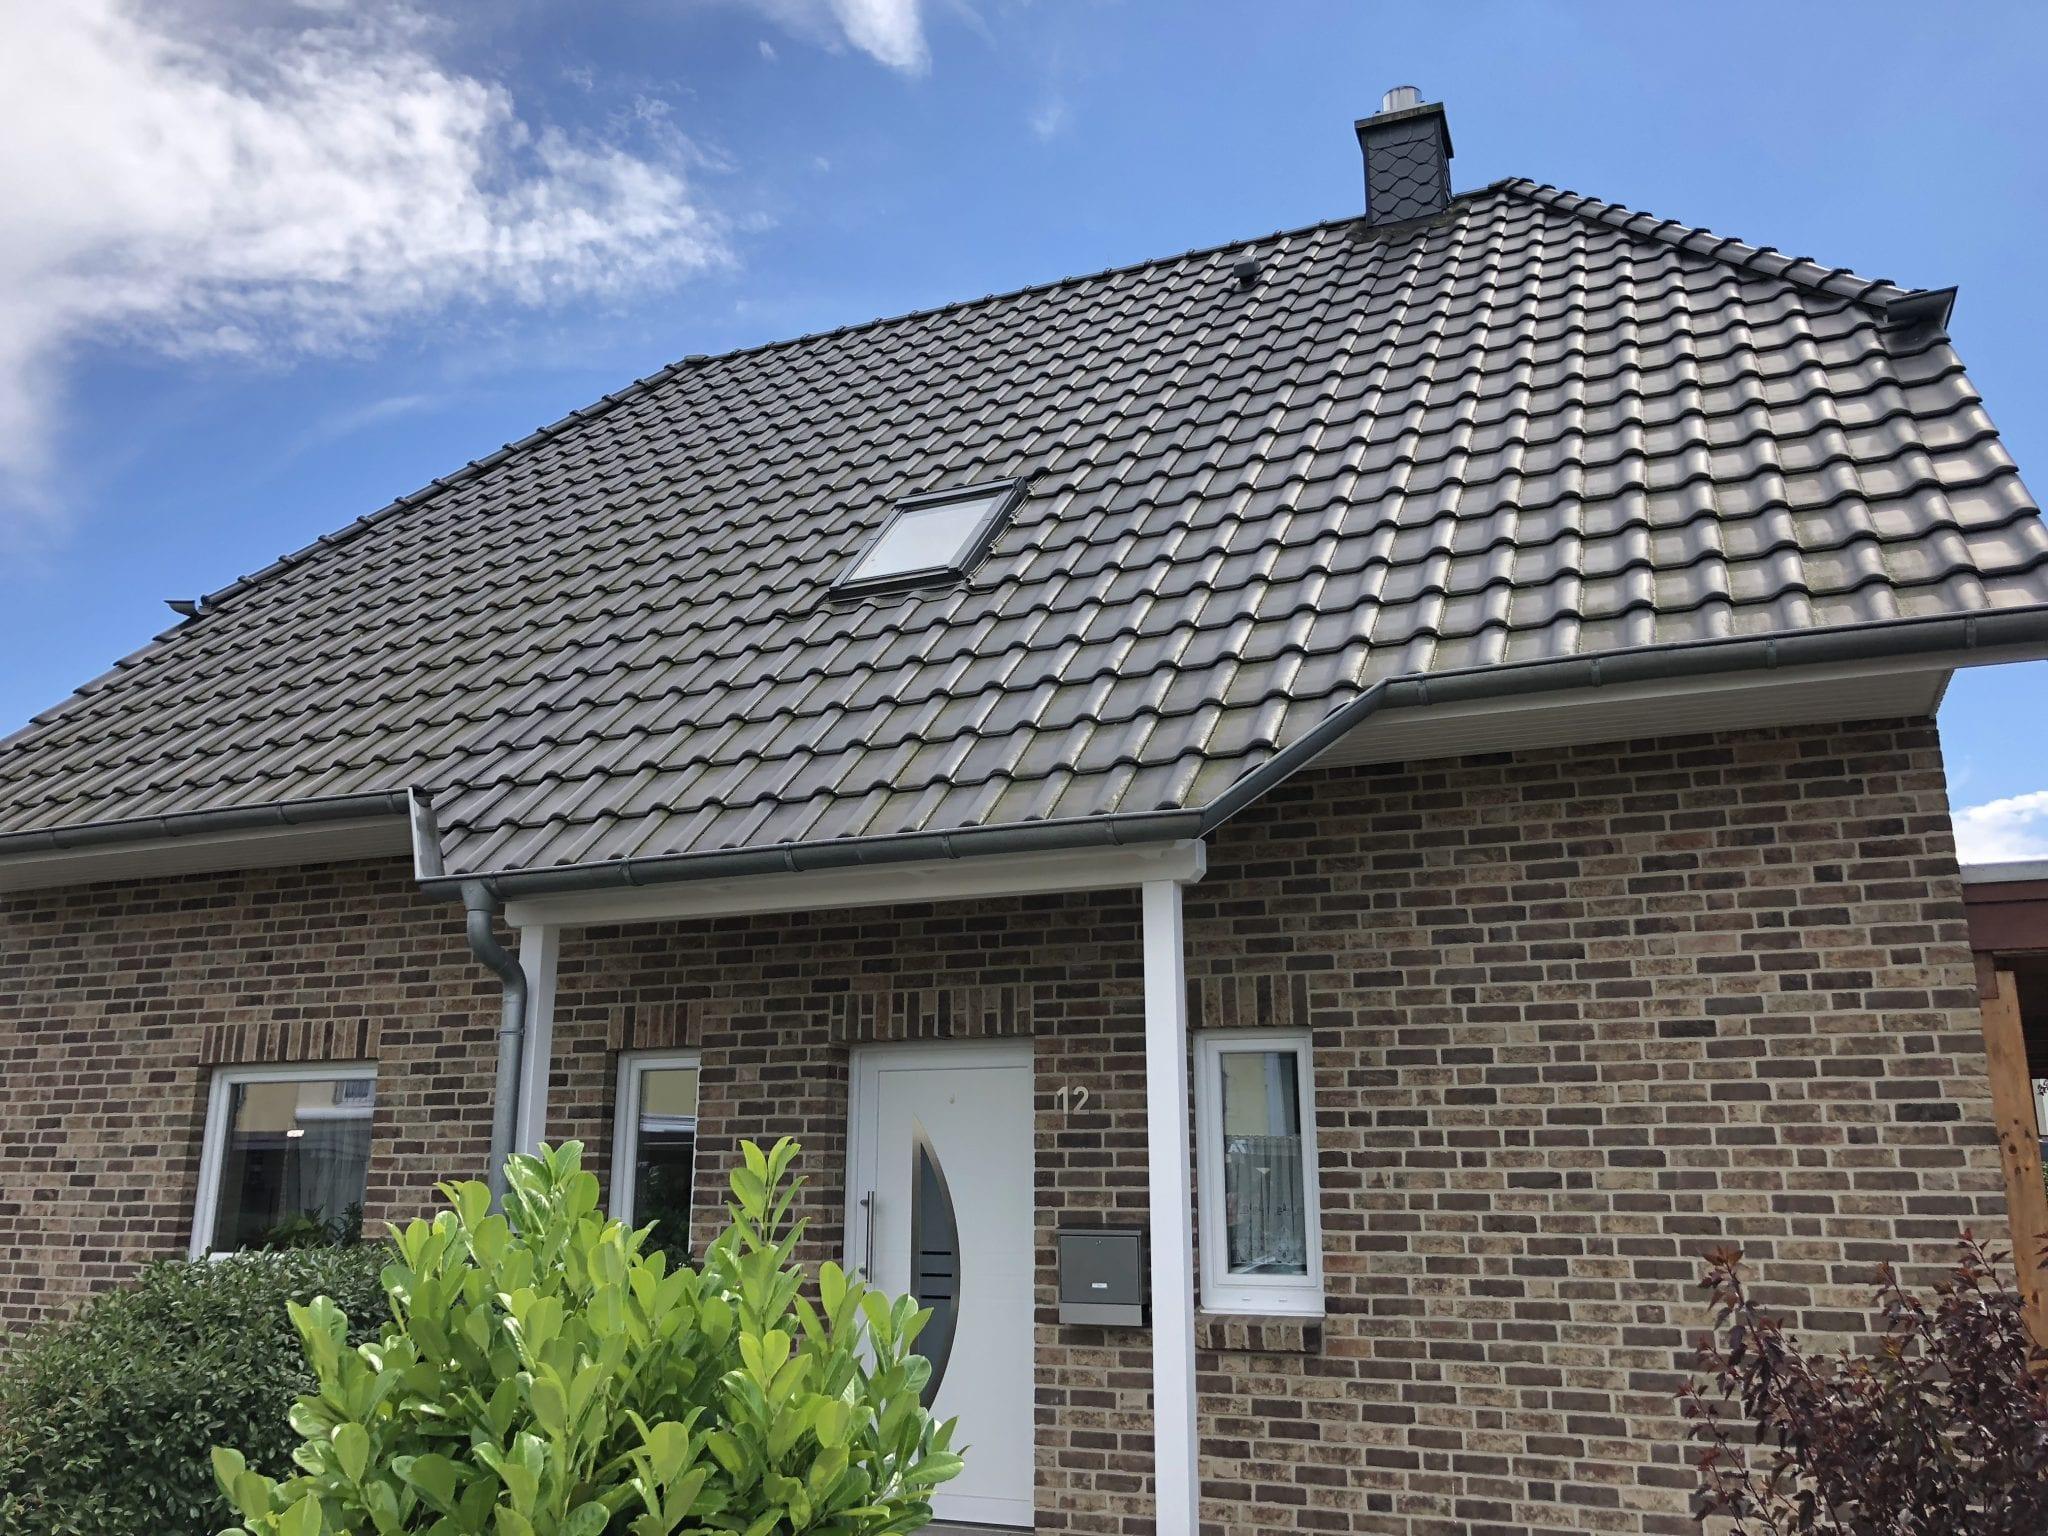 Bevorzugt Fassadenanstriche - Preise & Kosten pro qm - Malermeister aus Hamburg VR99